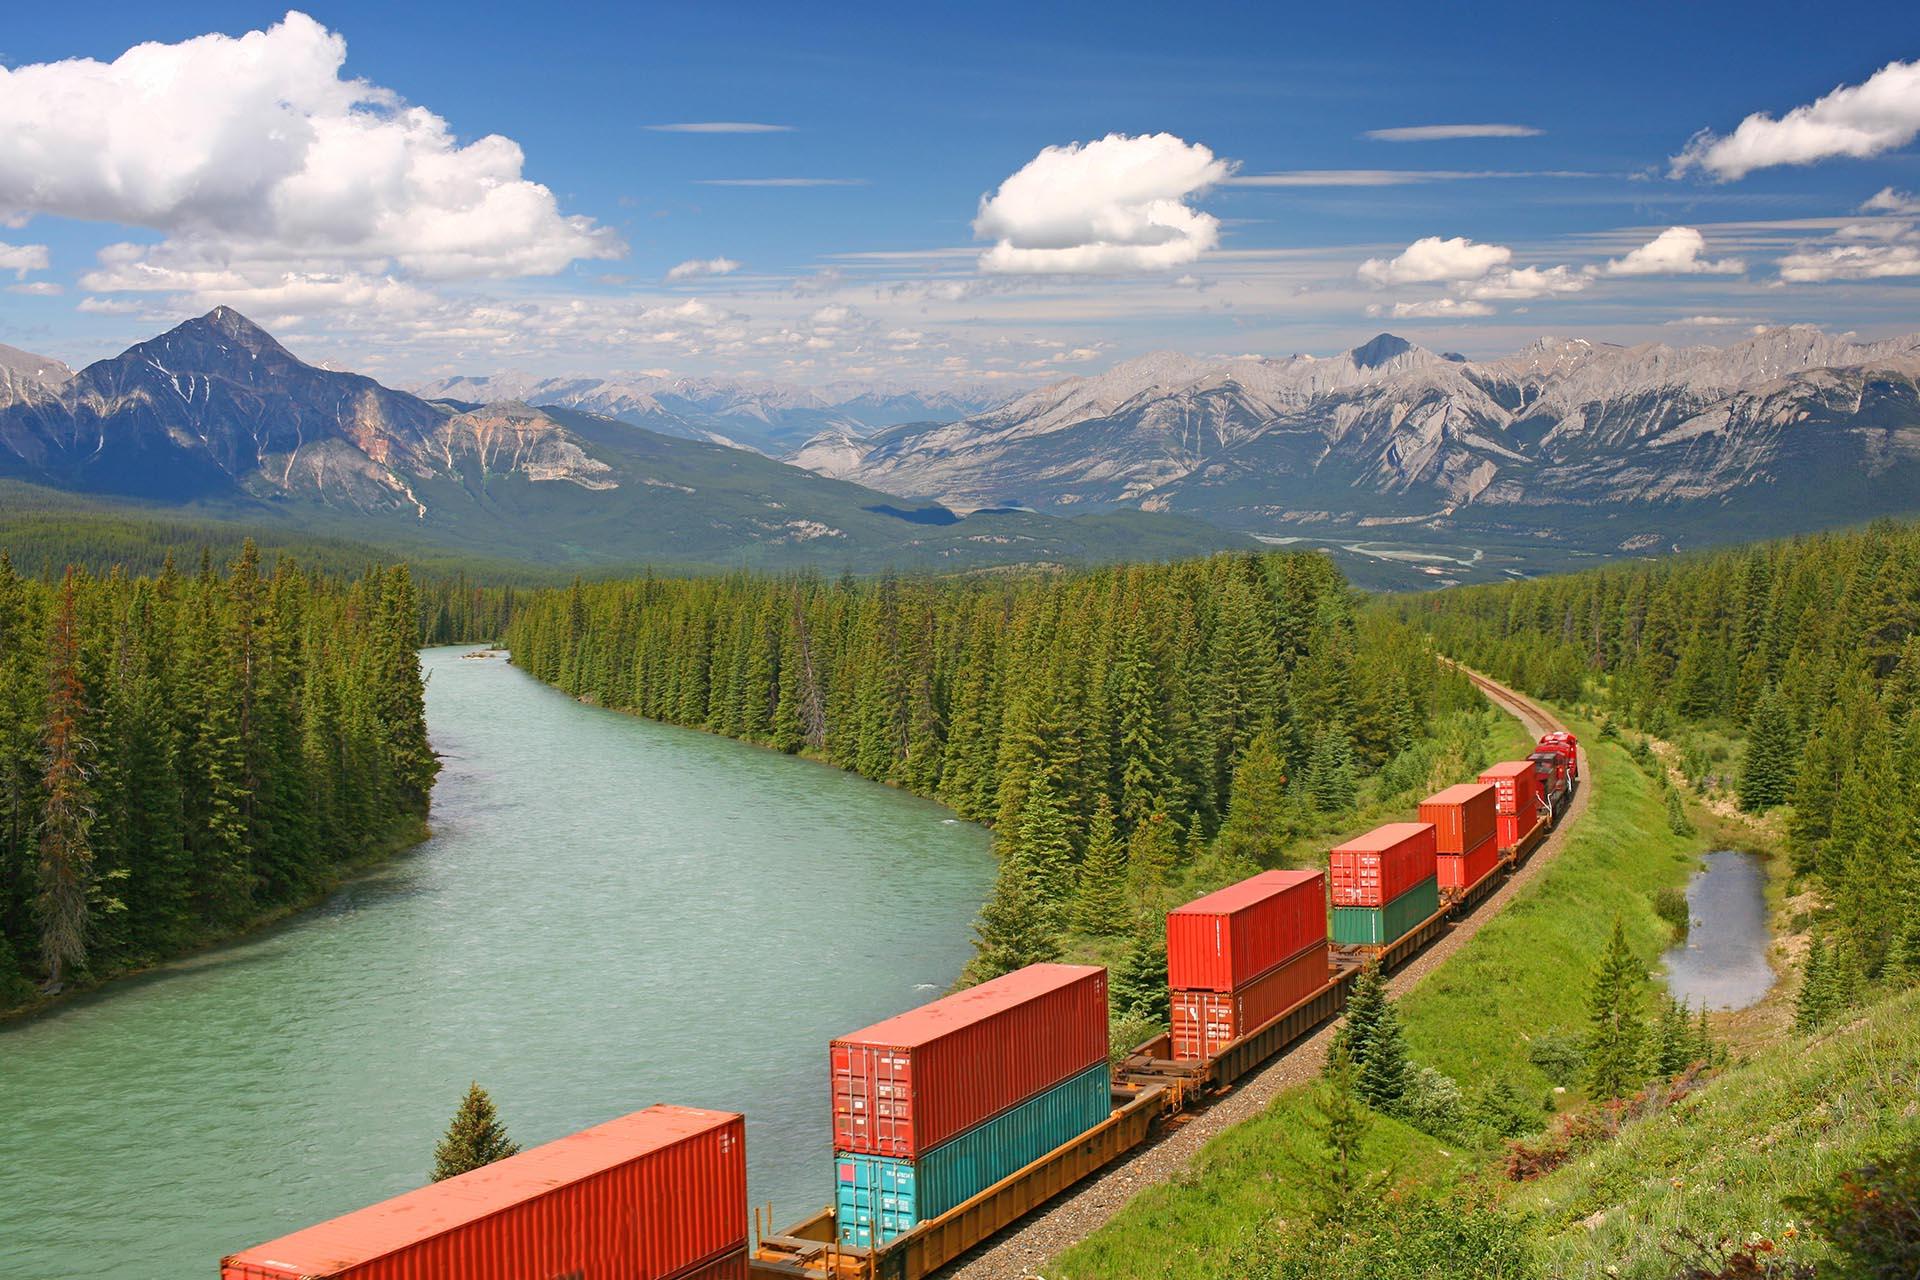 カナディアンロッキーの風景 カナダの風景